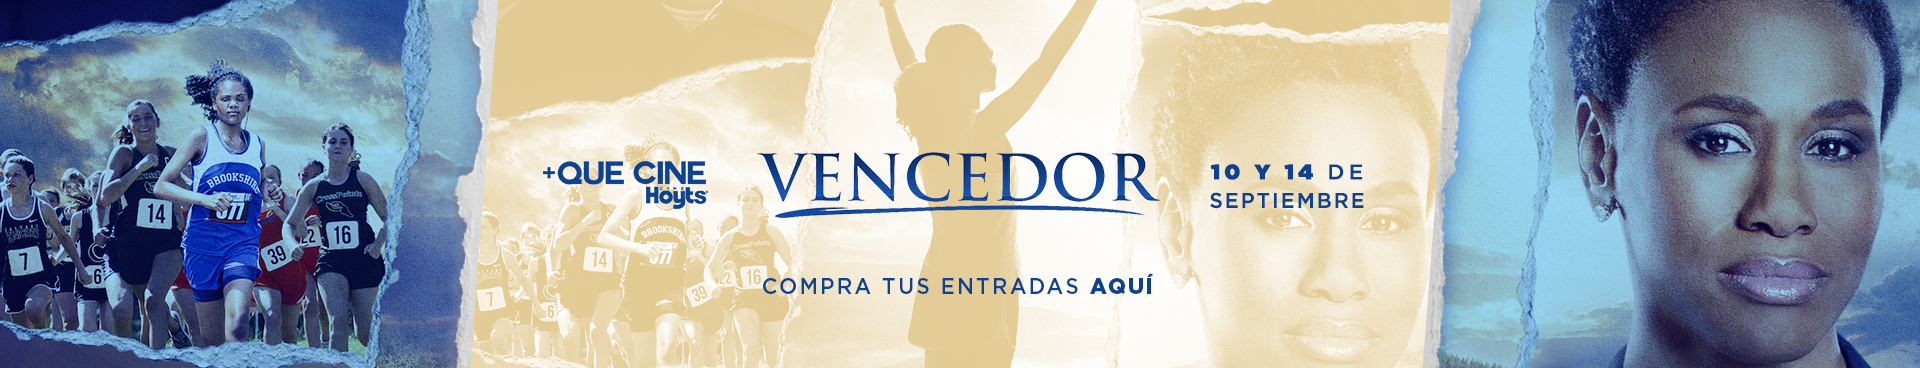 PREVENTA +QUE CINE: VENCEDOR, MARTES 10 Y SÁBADO 14 DE SEPTIEMBRE